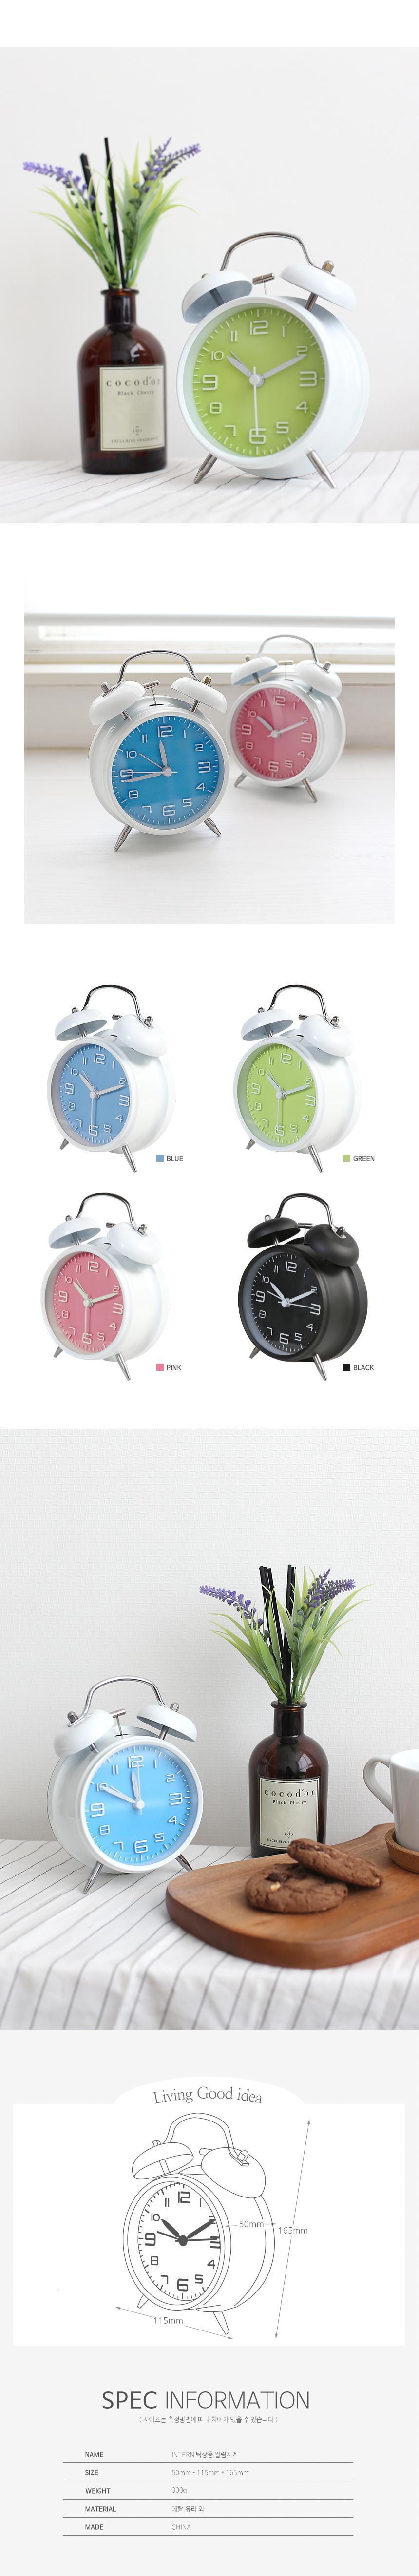 무소음 초침 헤머벨 탁상용 알람시계 Intern - 히키스, 16,800원, 알람/탁상시계, LED/디지털시계